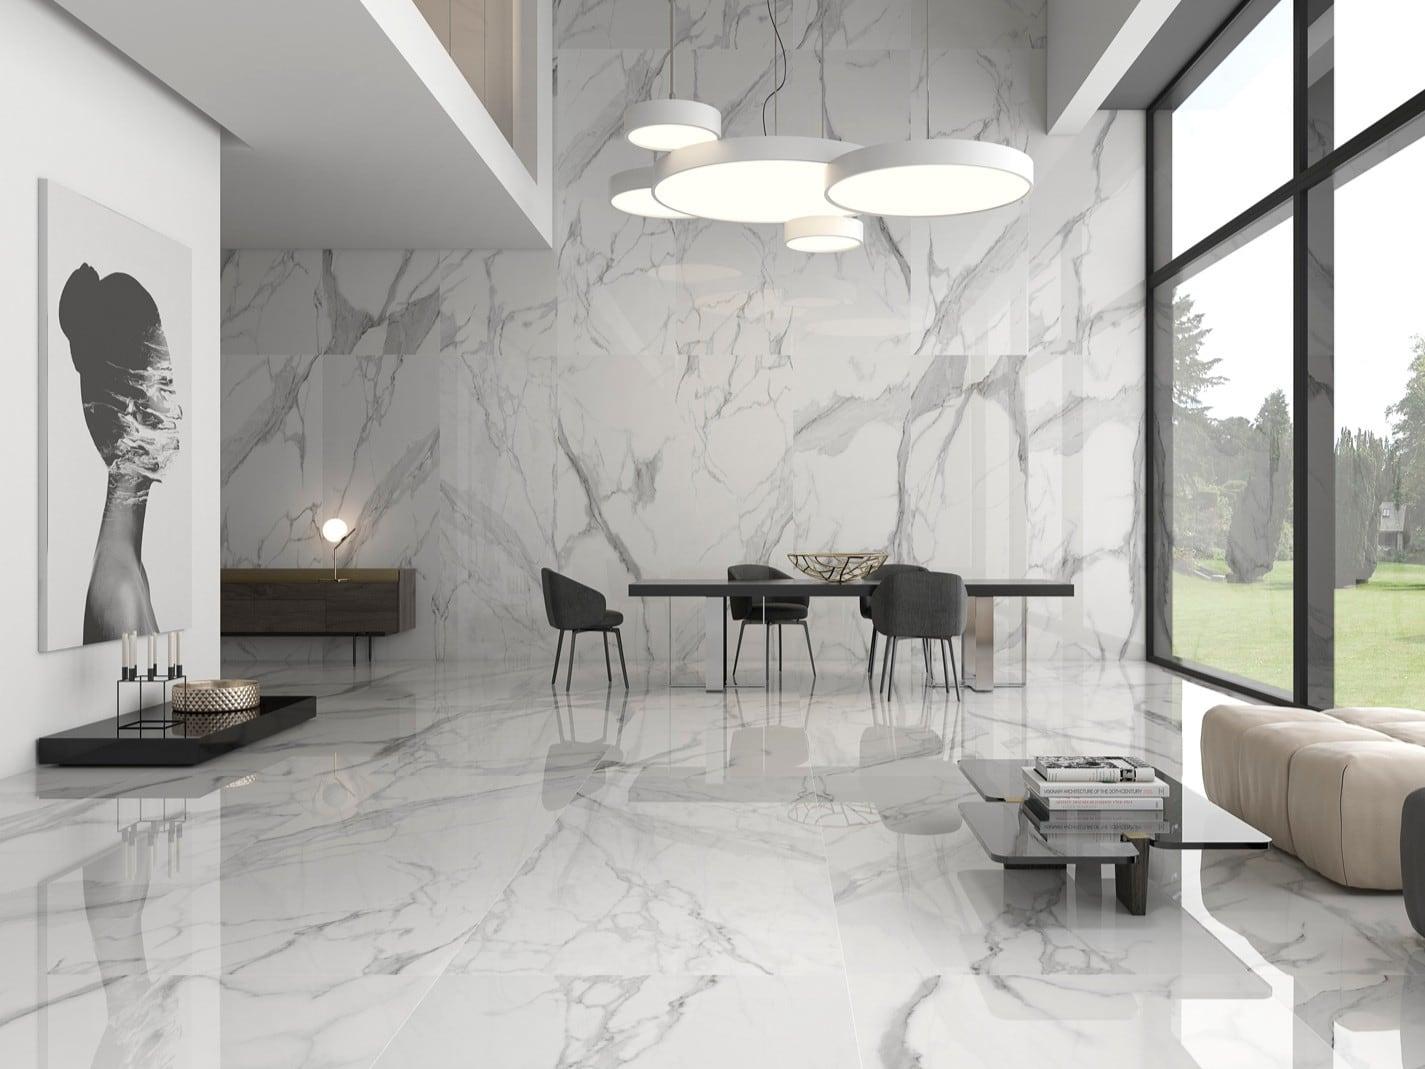 Marble Texture ốp lát sảnh chờ khách sạn